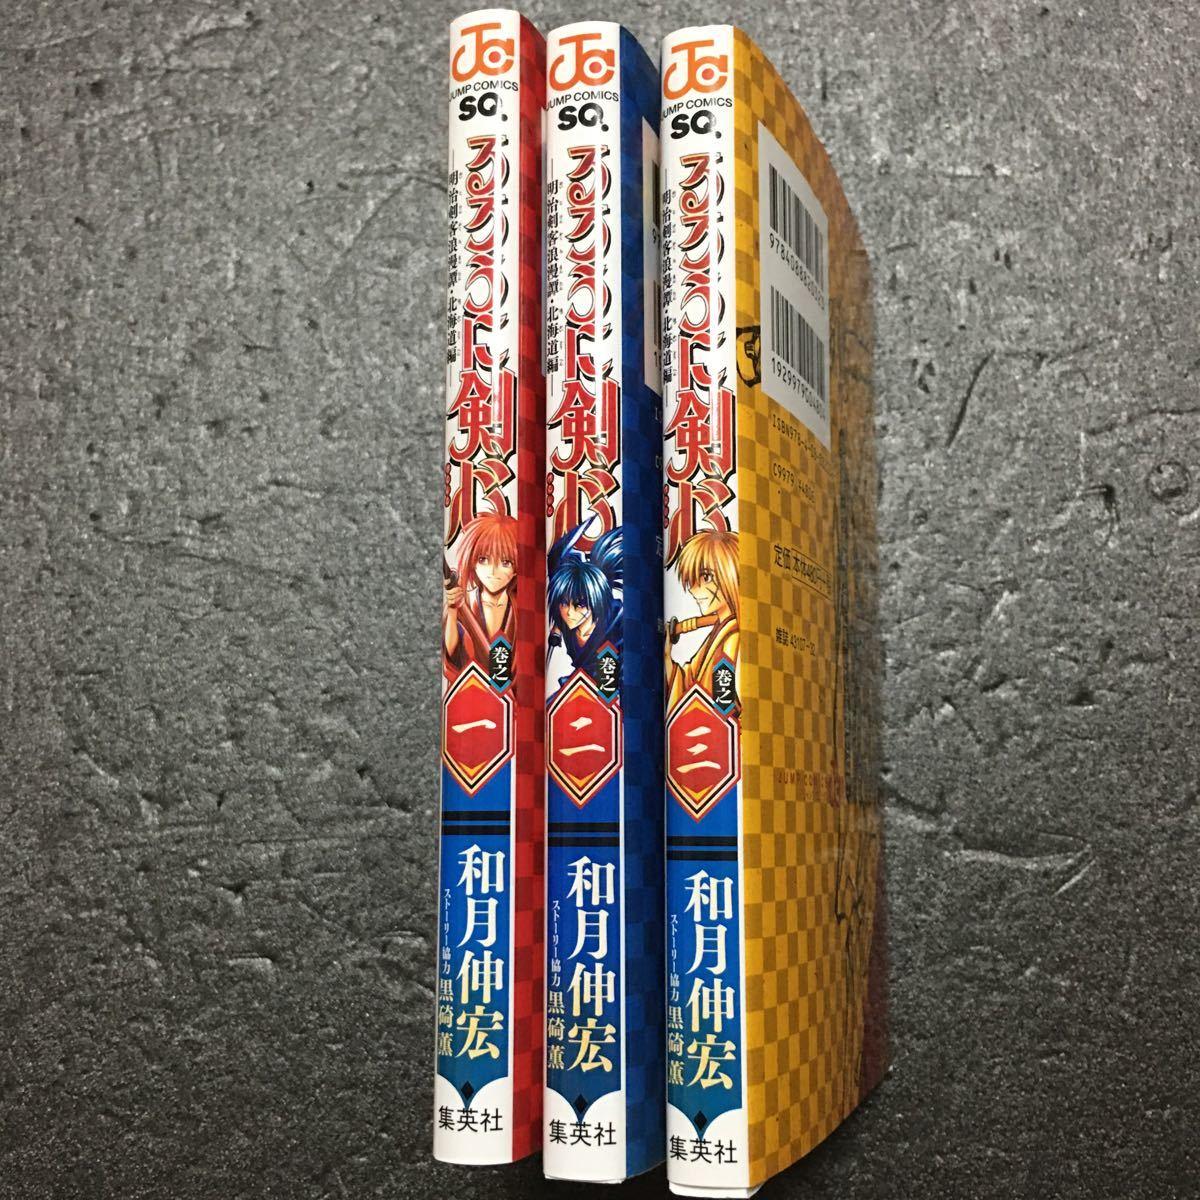 るろうに剣心 明治剣客浪漫譚・北海道編 1~3巻セット 和月伸宏 全初版_画像3